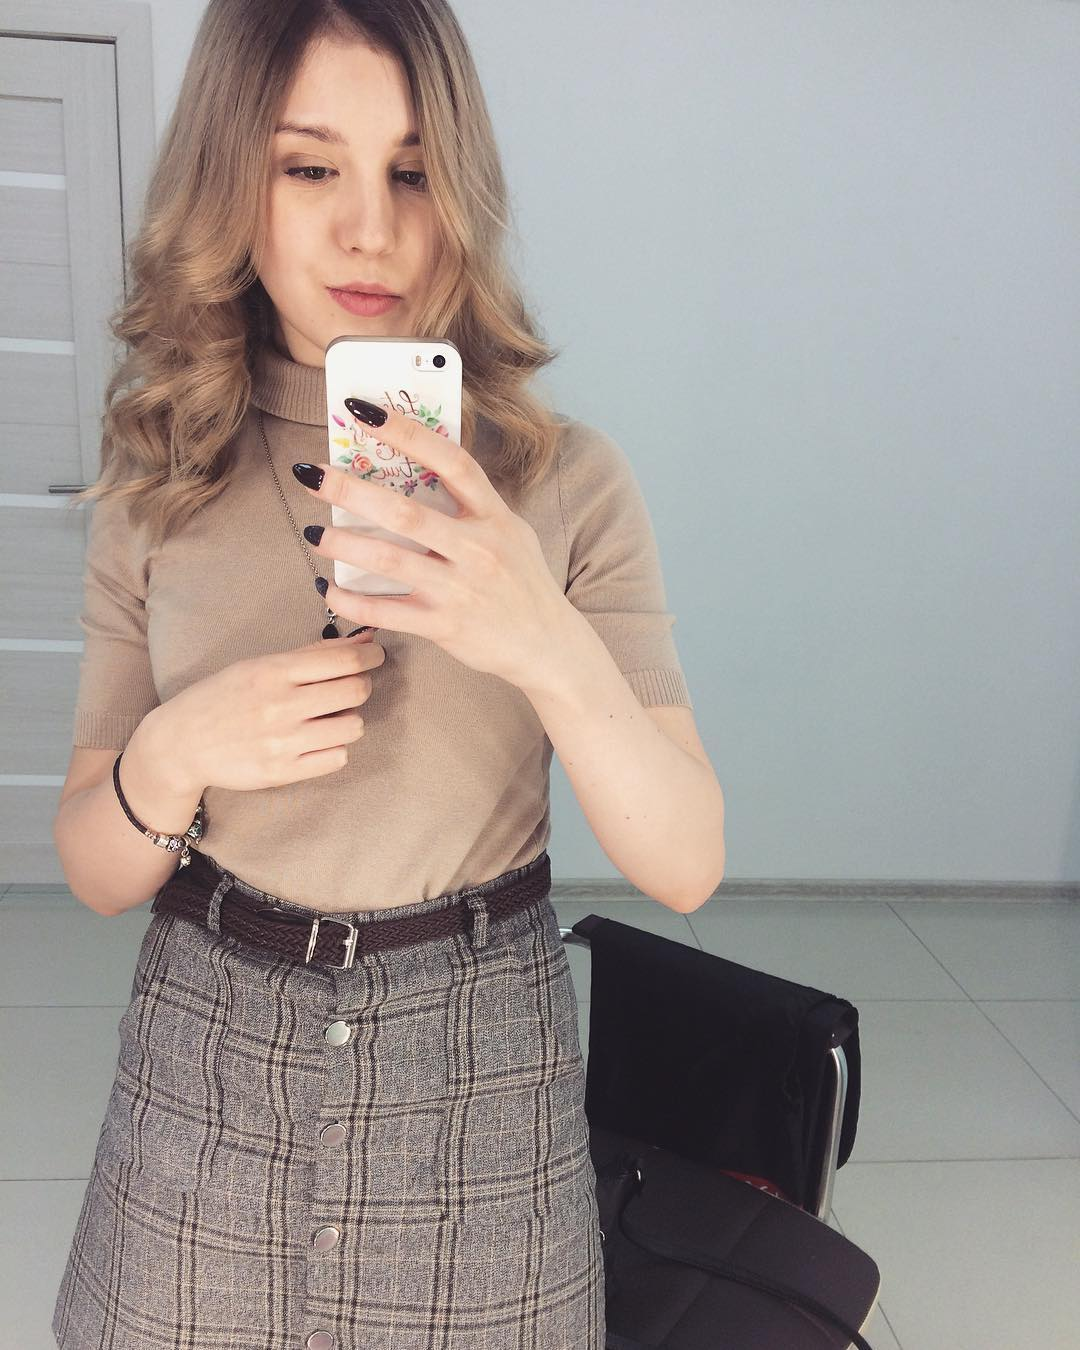 Cores-de-cabelo-loiro-Novas-cores-de-cabelo-claro,-sonhos-de-loiro